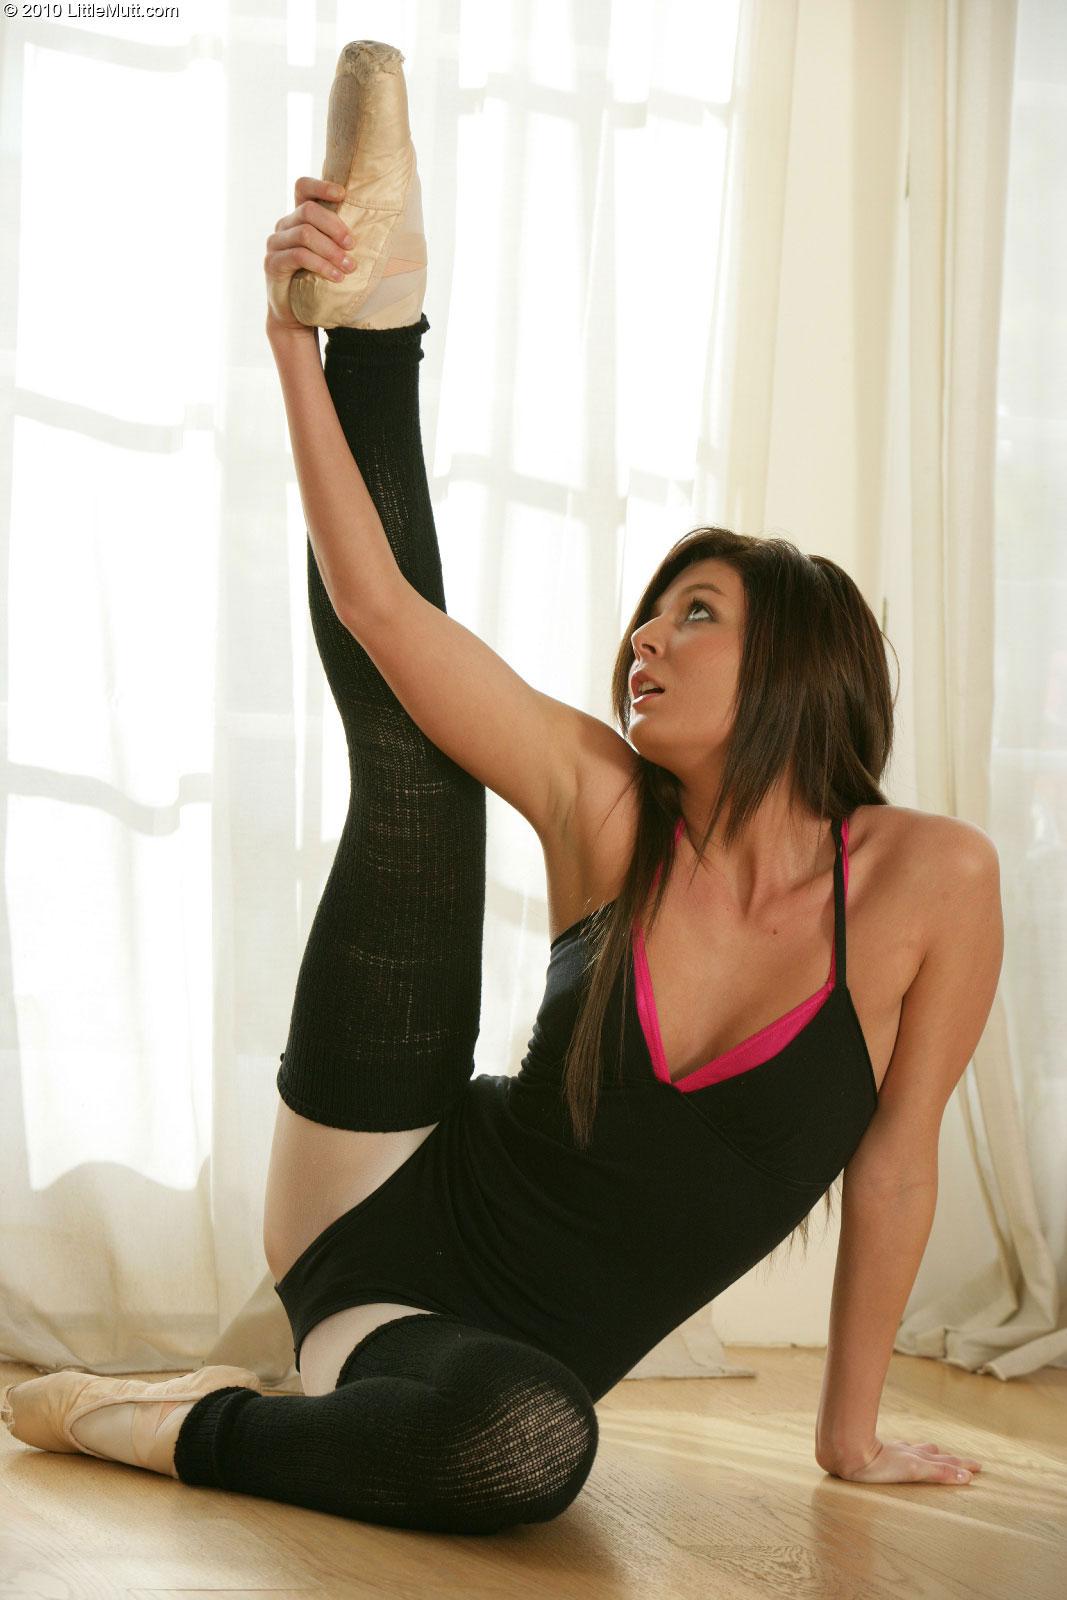 Гимнастка с без одежды ногами Blair Daniels вставляет стеклянную игрушку в свою лысую киску